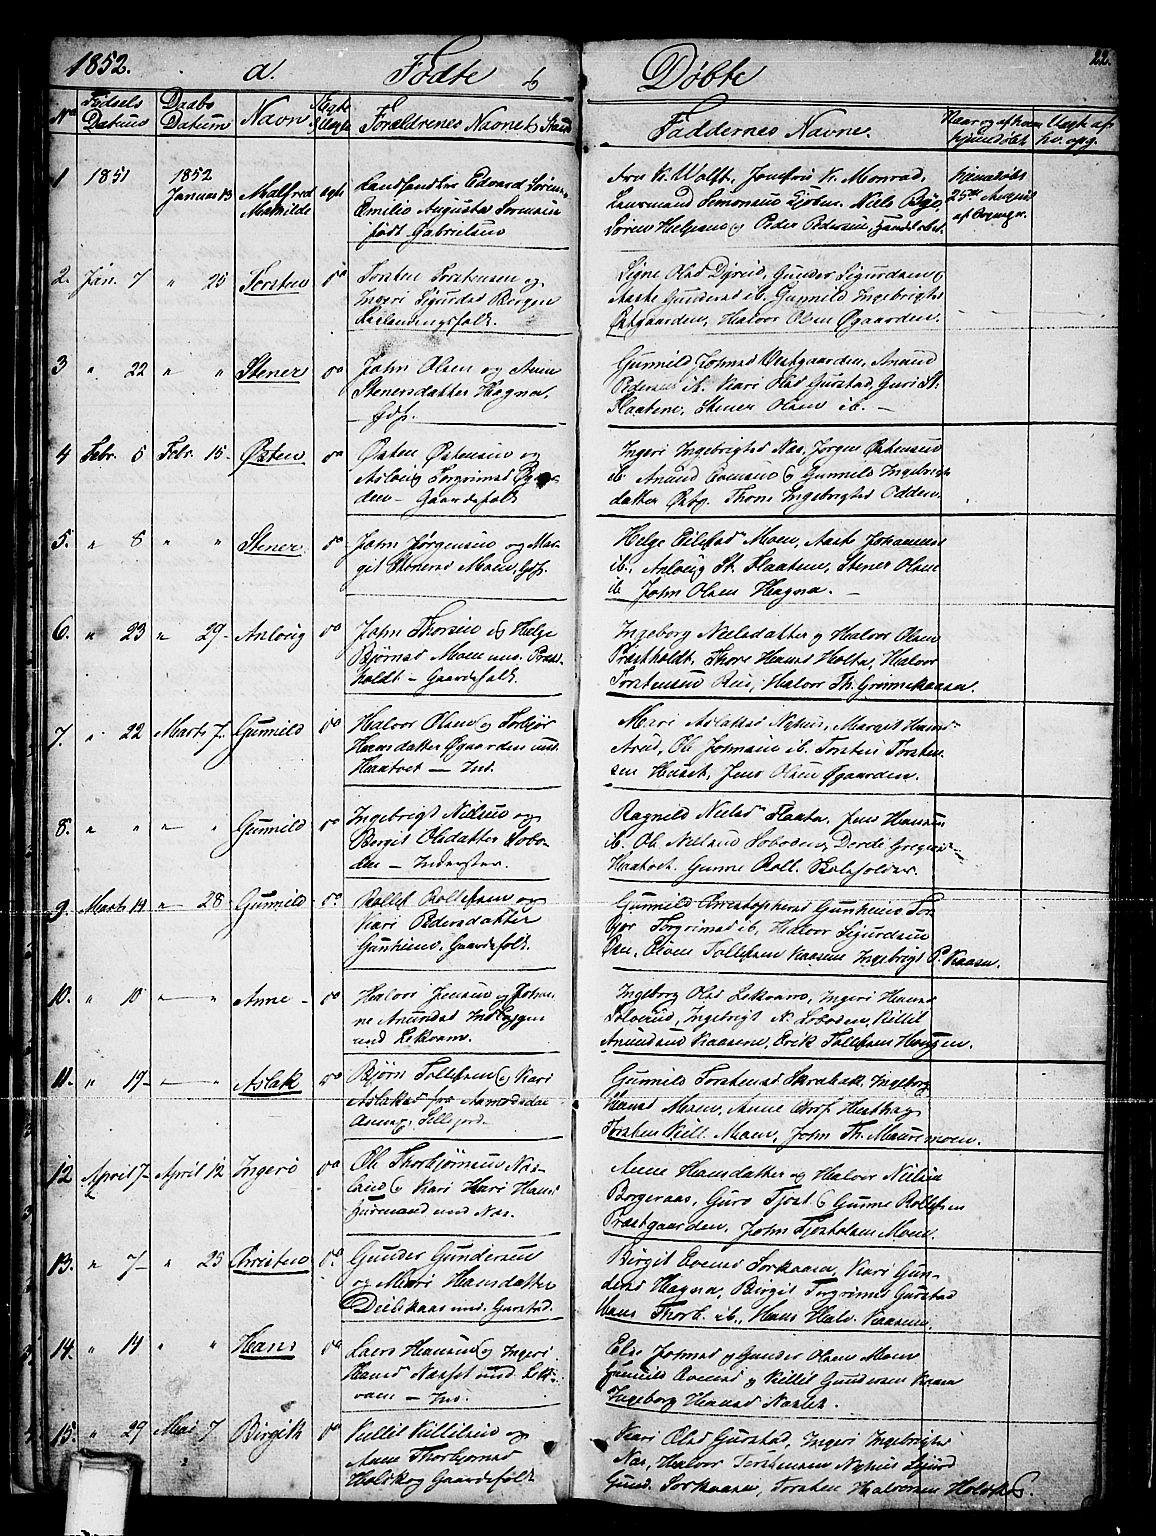 SAKO, Sauherad kirkebøker, G/Gb/L0001: Klokkerbok nr. II 1, 1845-1865, s. 22